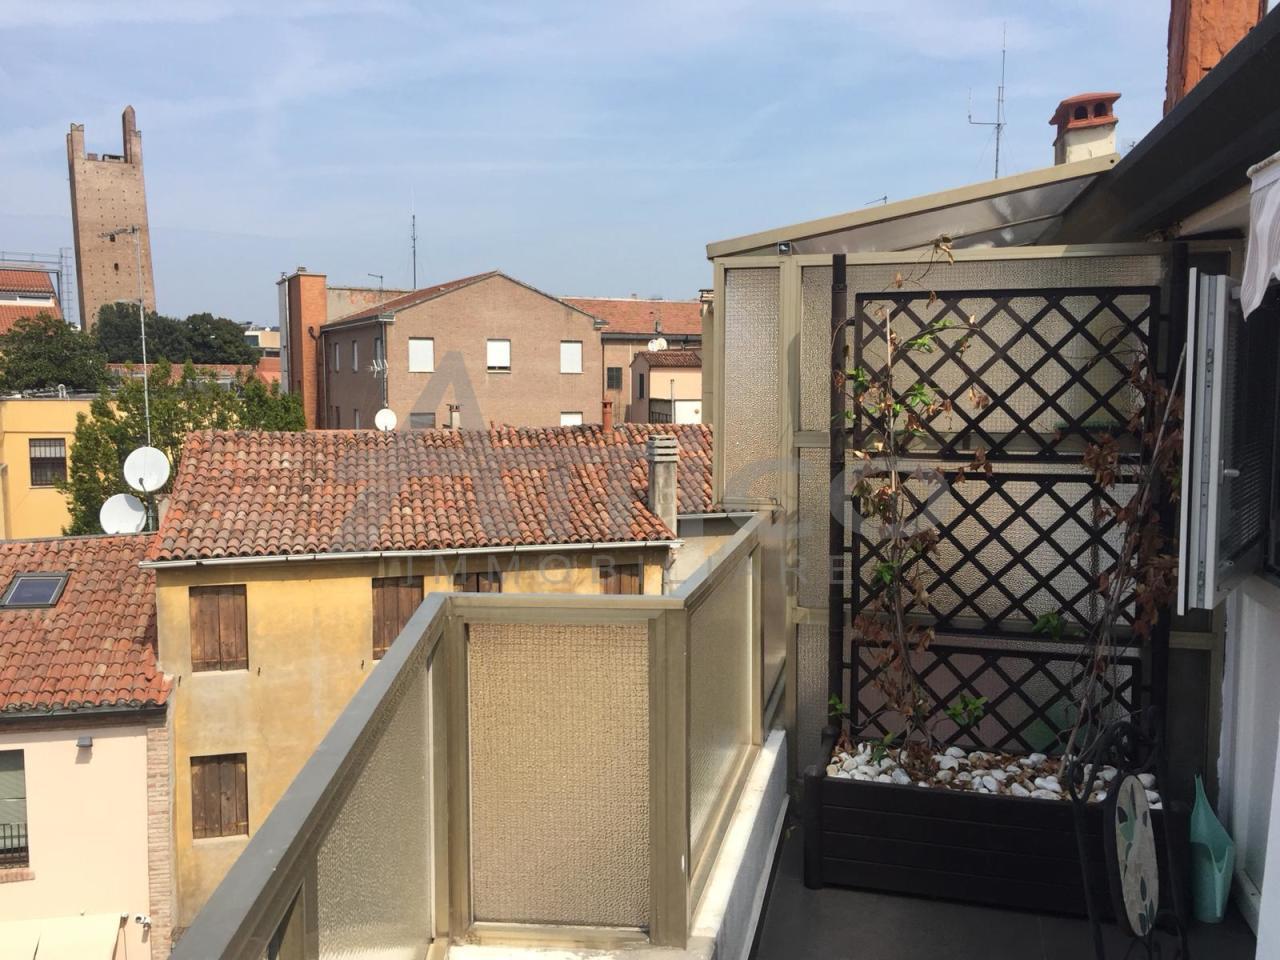 Attico / Mansarda in vendita a Rovigo, 2 locali, prezzo € 55.000 | PortaleAgenzieImmobiliari.it